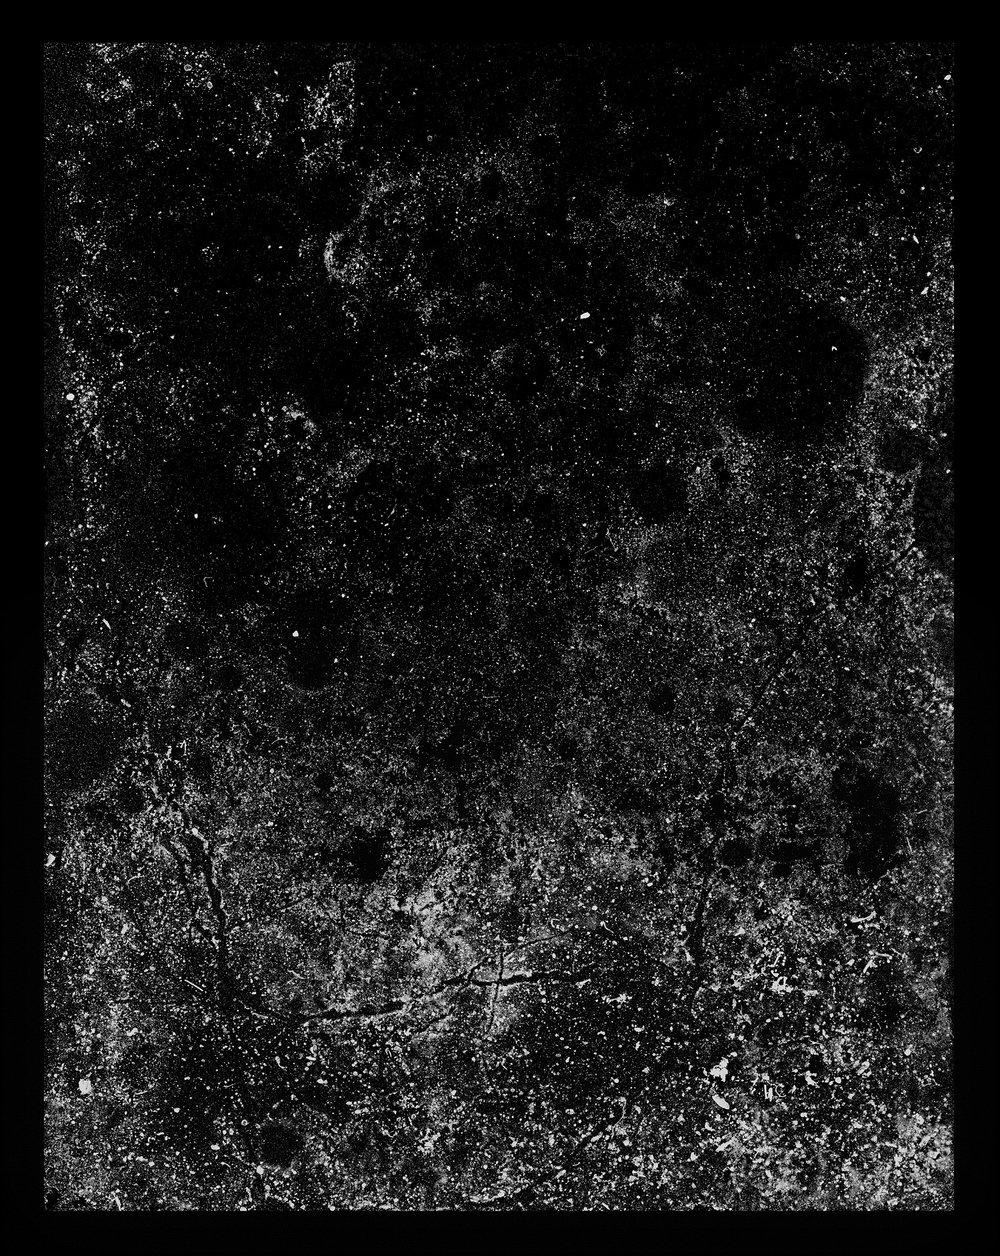 Indagini sull'infinito 2014 inkjet su carta Canson Baryta Photographique, nontata su dibond __cm 59,5x75  .jpg